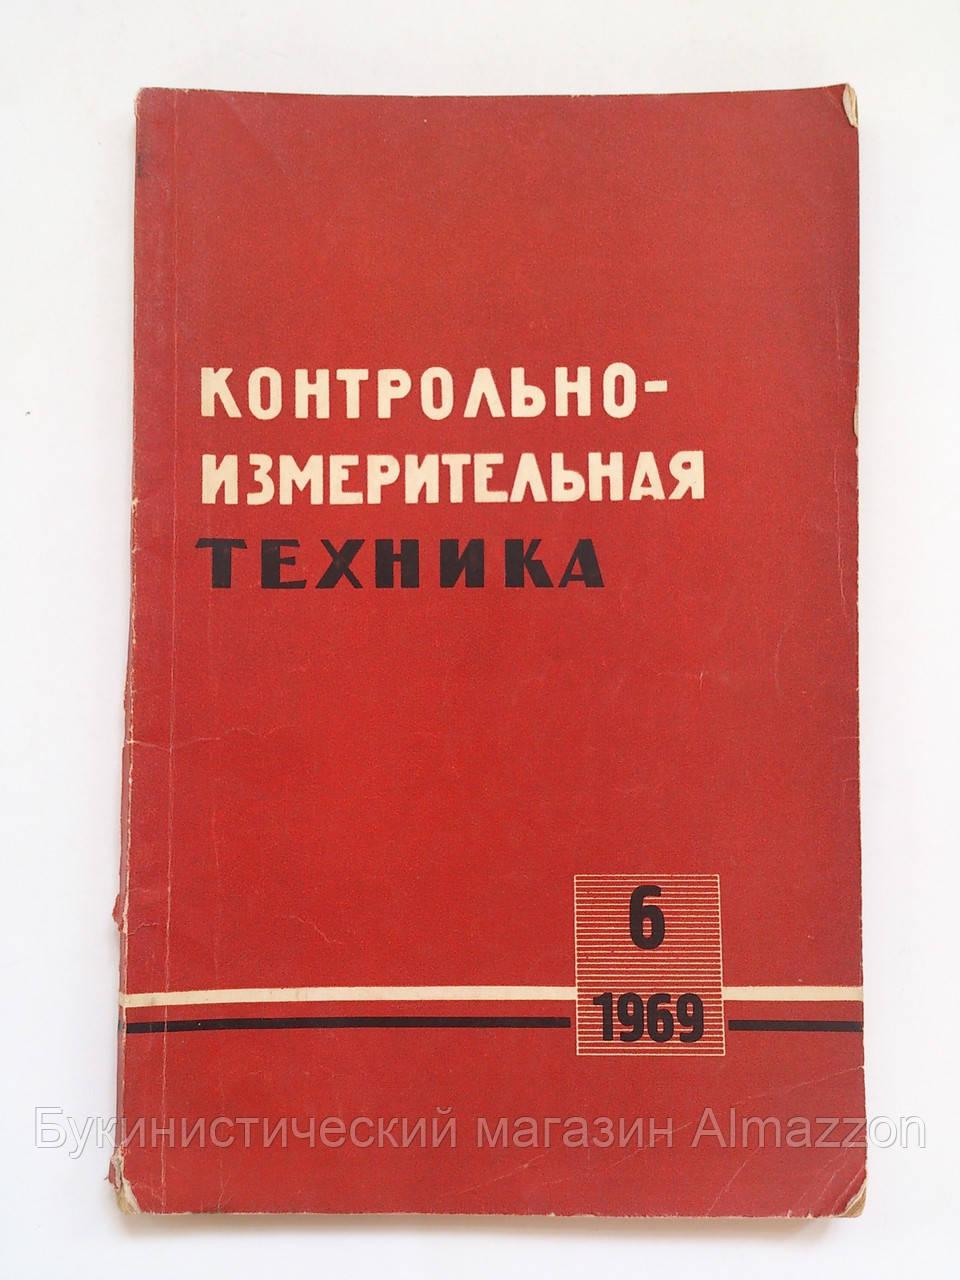 Контрольно-измерительная техника № 6.1969 год. Научно-технический сборник. 1969 год